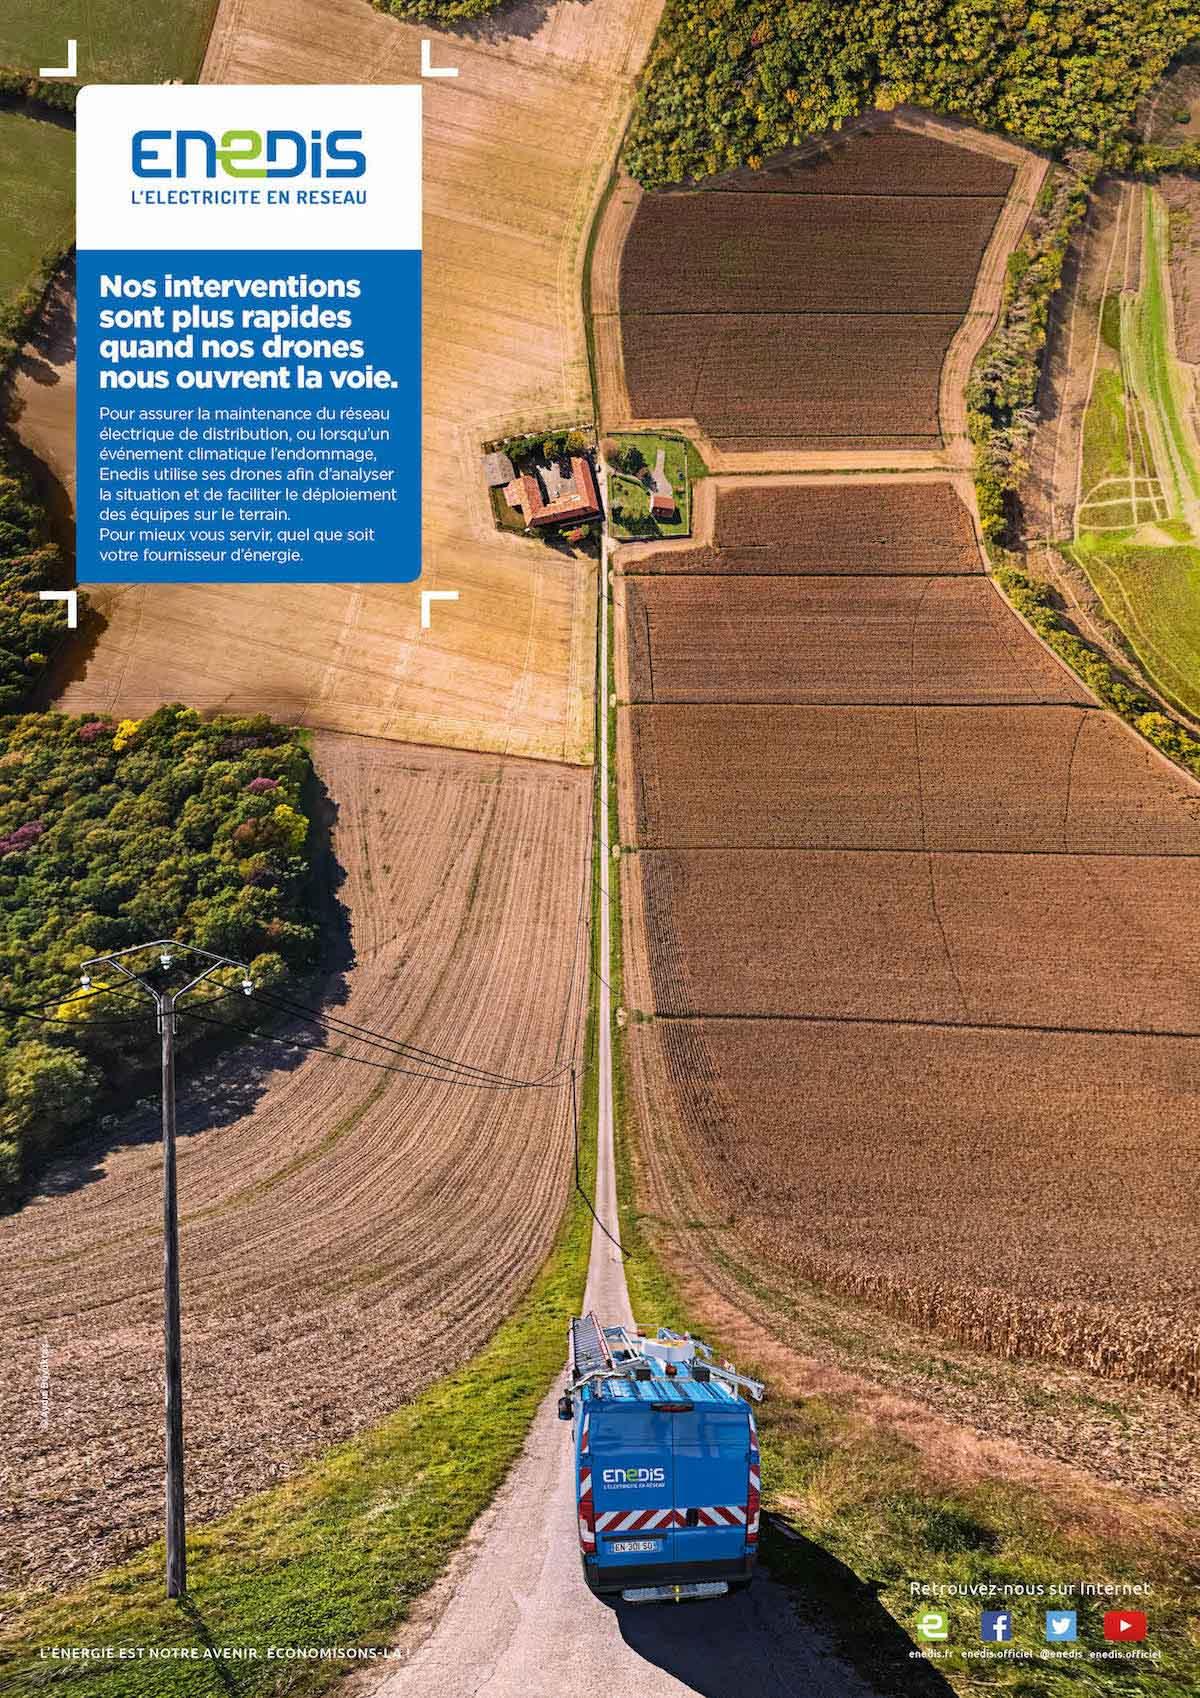 Campagne publicitaire pour Enedis avec photos aérienne par drone